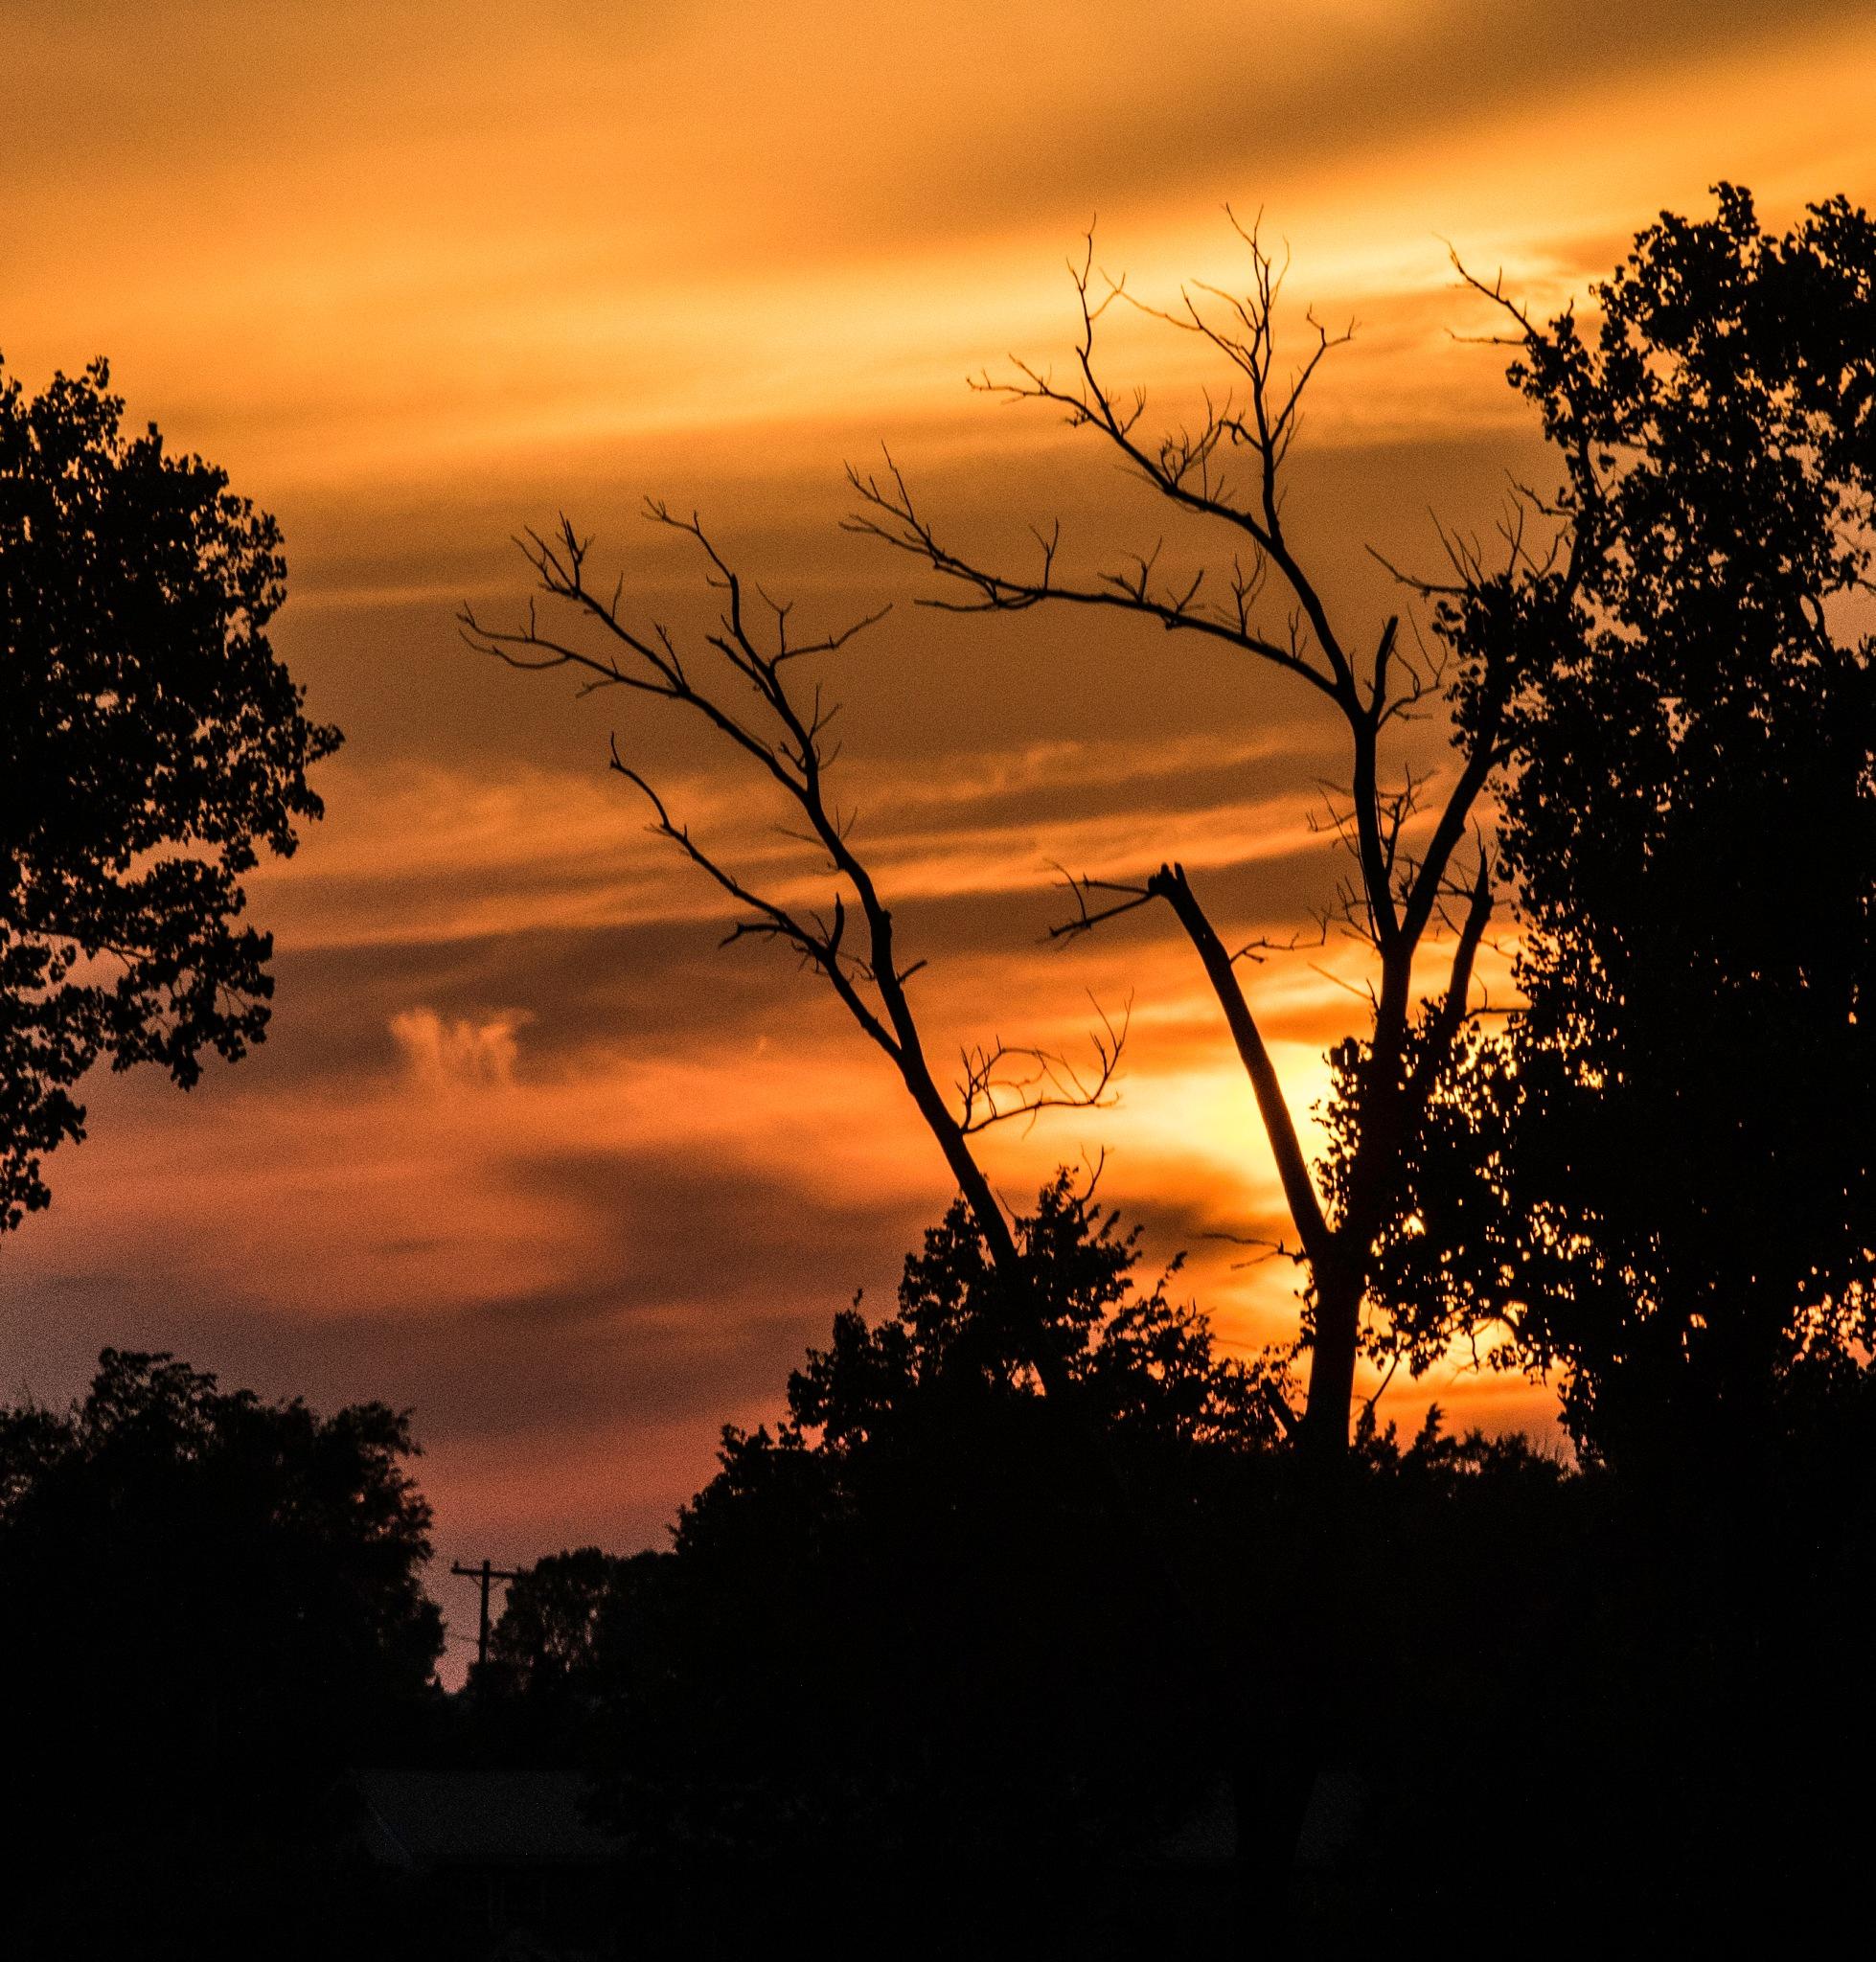 Setting Sun by FritzMendell